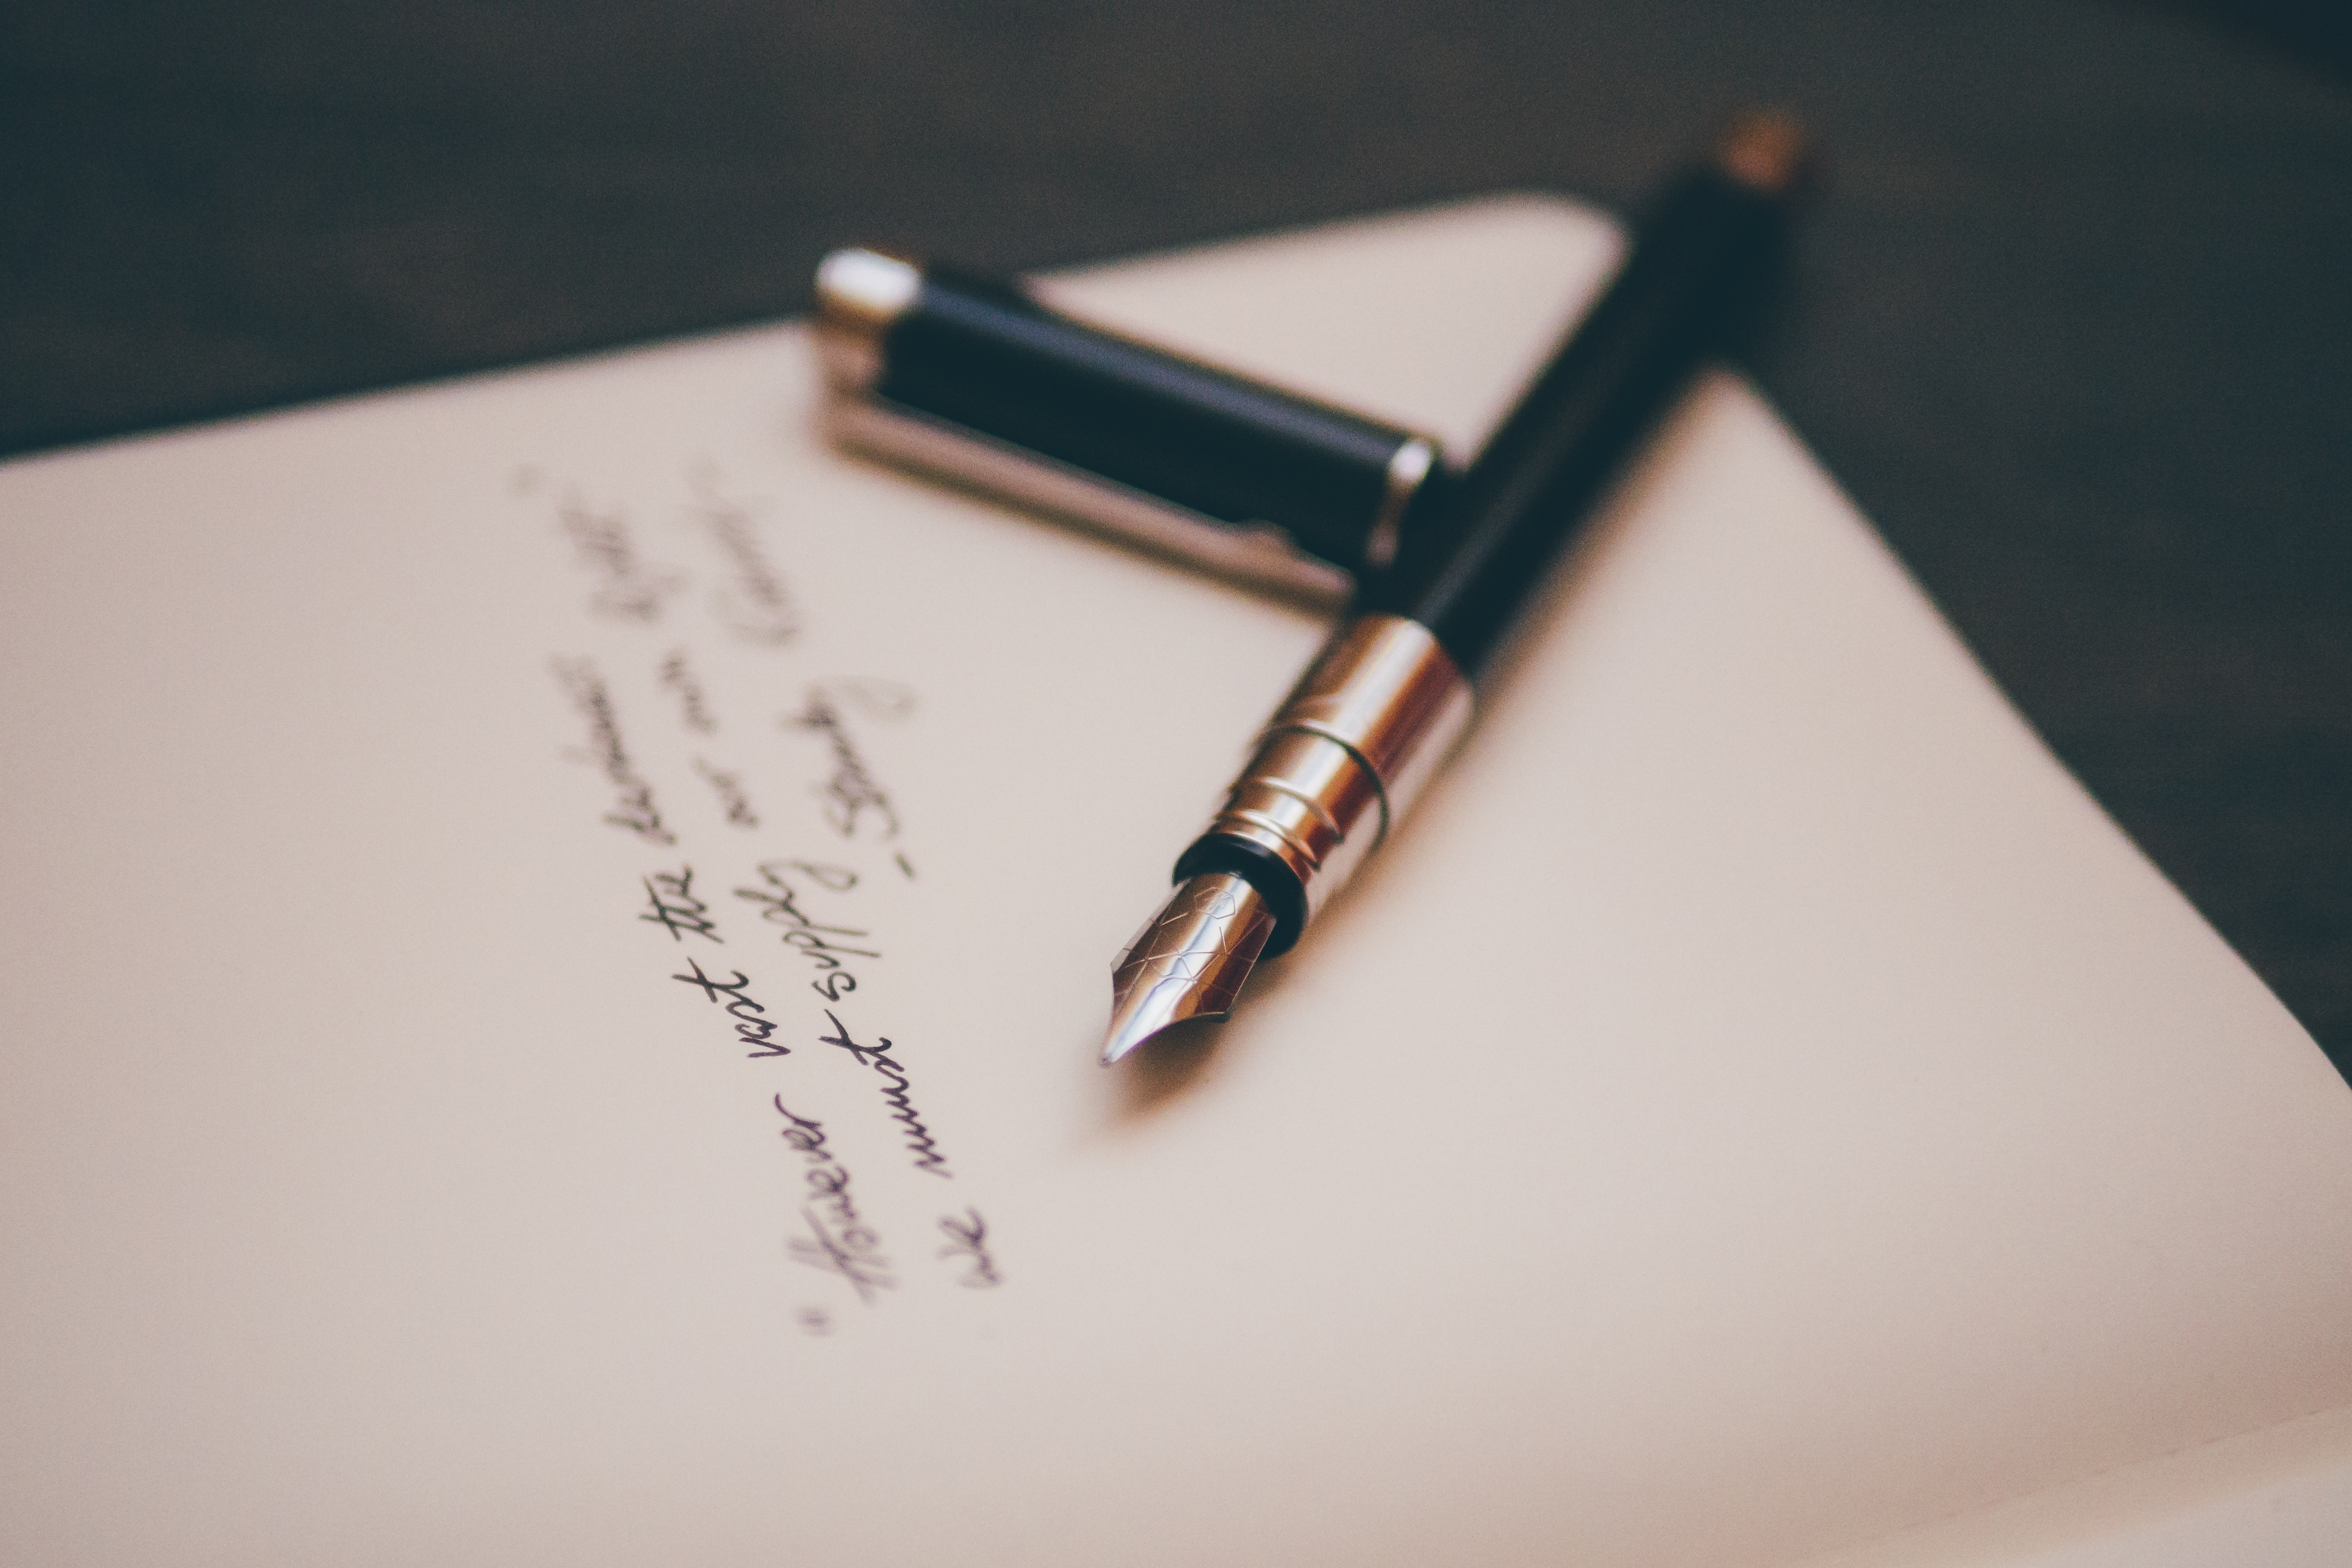 długopis kartka gimnastyka języka content house